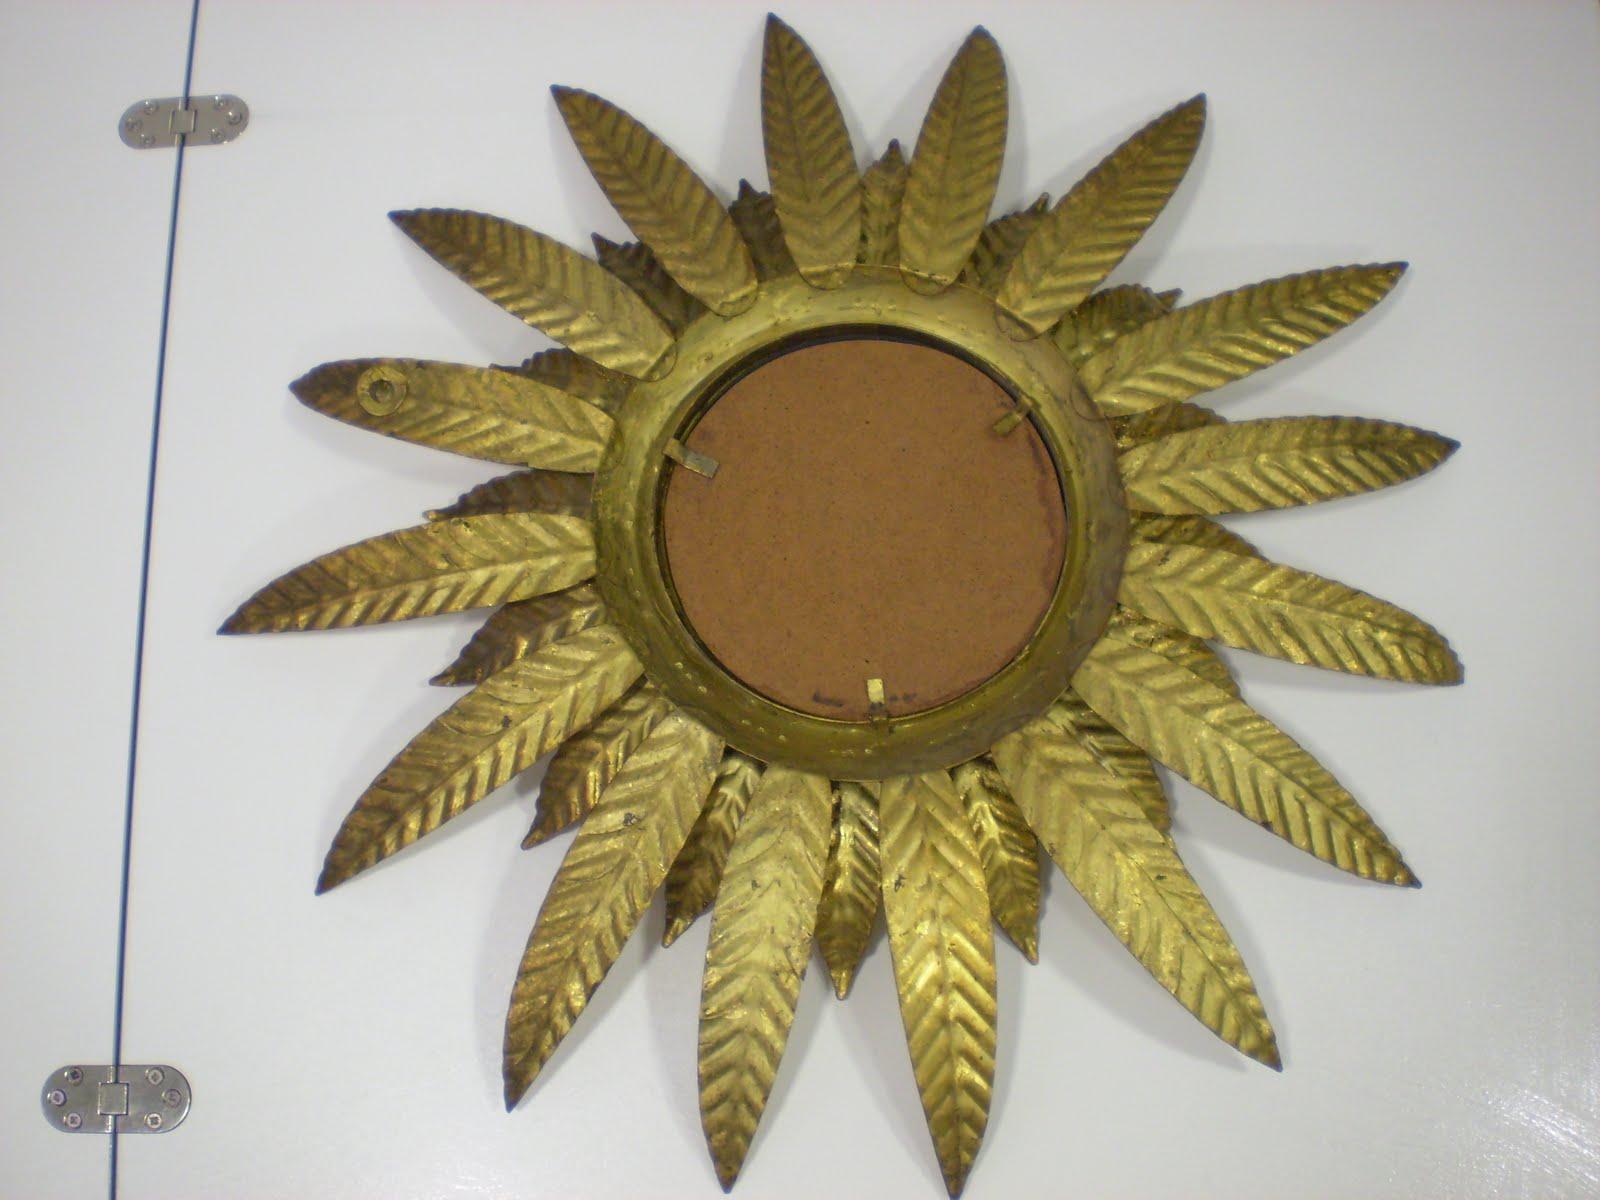 Vintager a espejo ojo de bruja oeil de sorci re en - Espejos con forma de sol ...